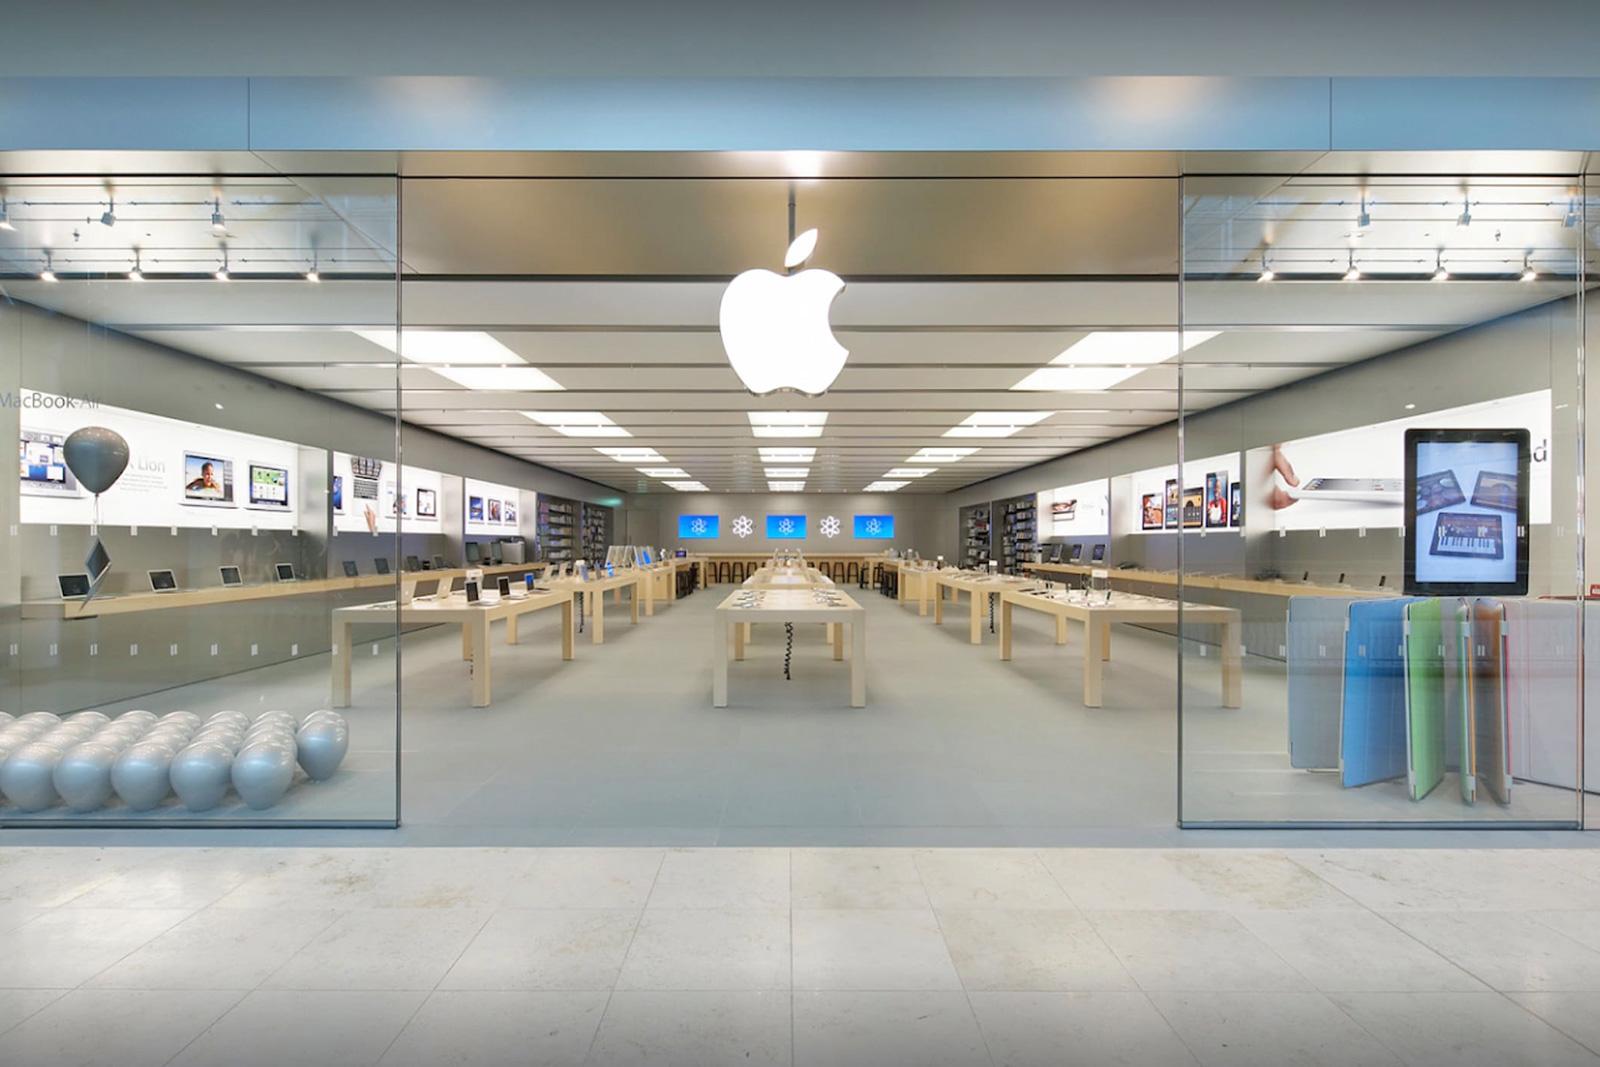 Expansão durante pandemia: AppleOs serviços da empresa chegam em muitos novos mercados e regiões